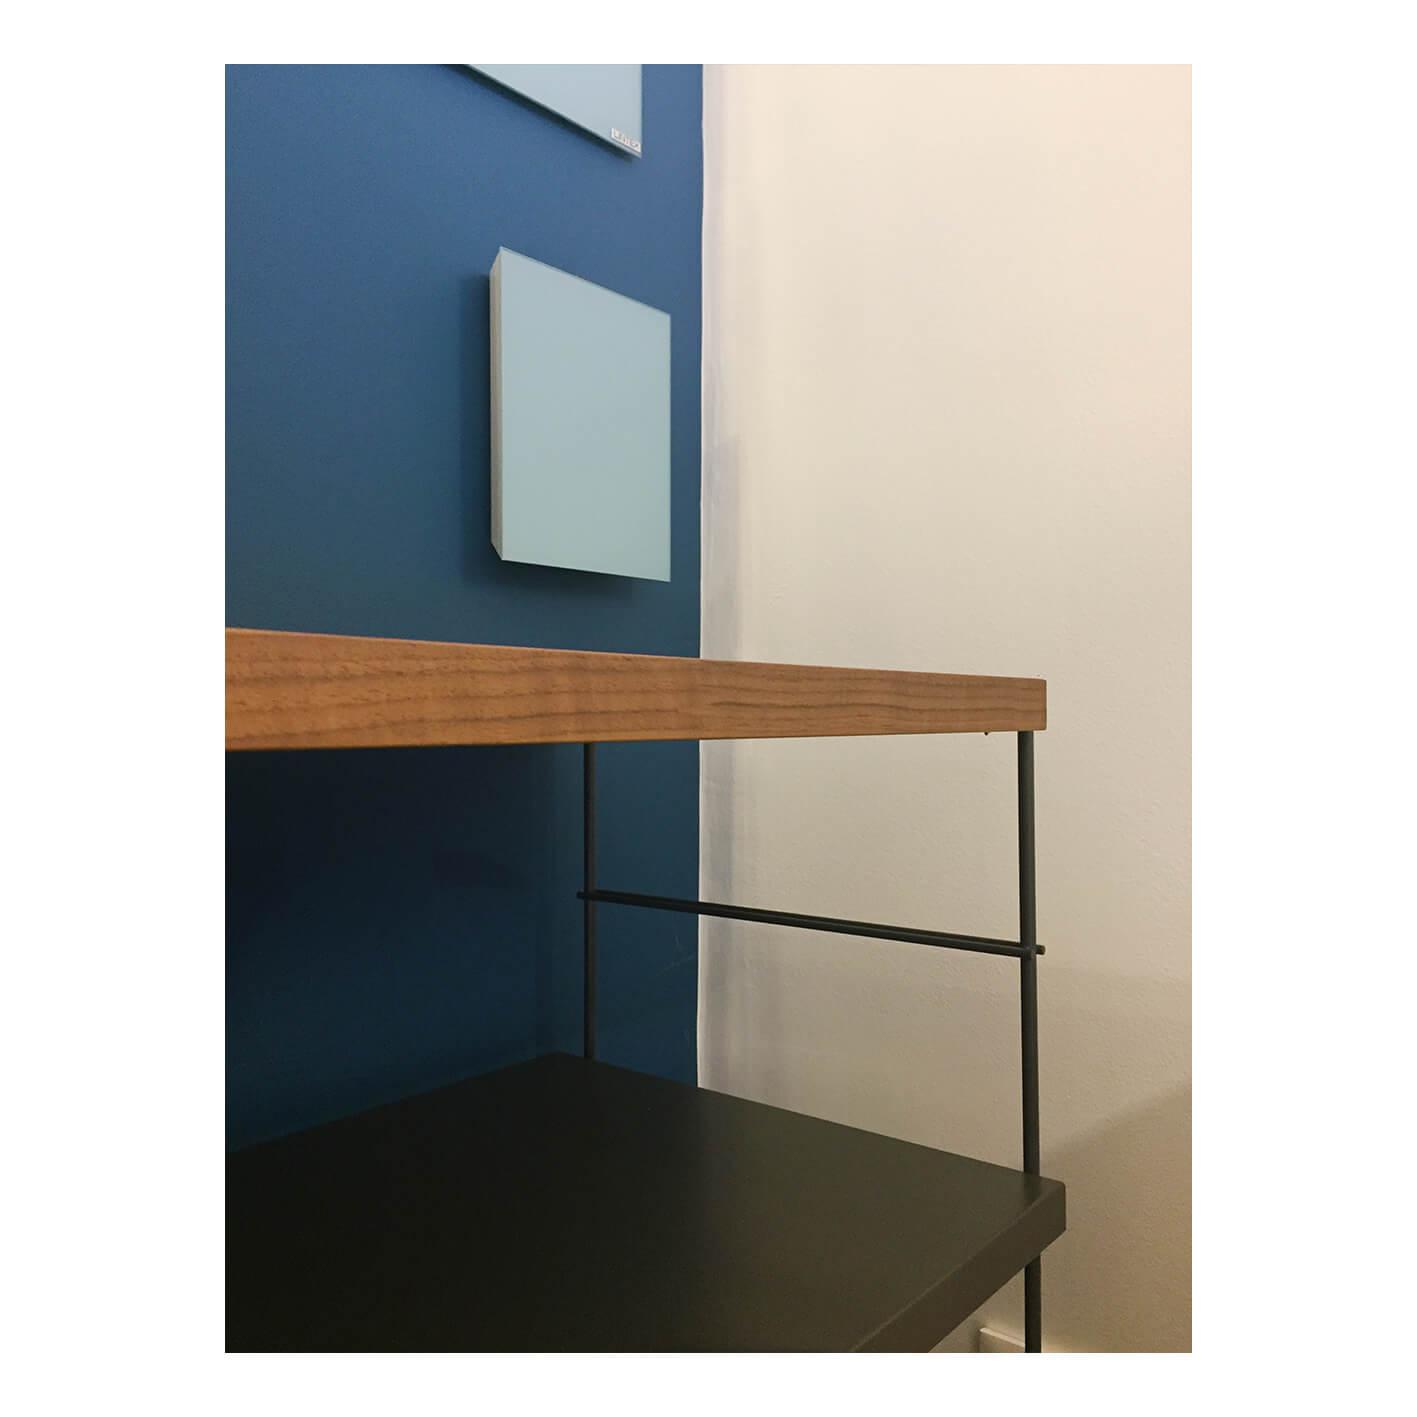 MOBLES114 NVT 04.11.19 3